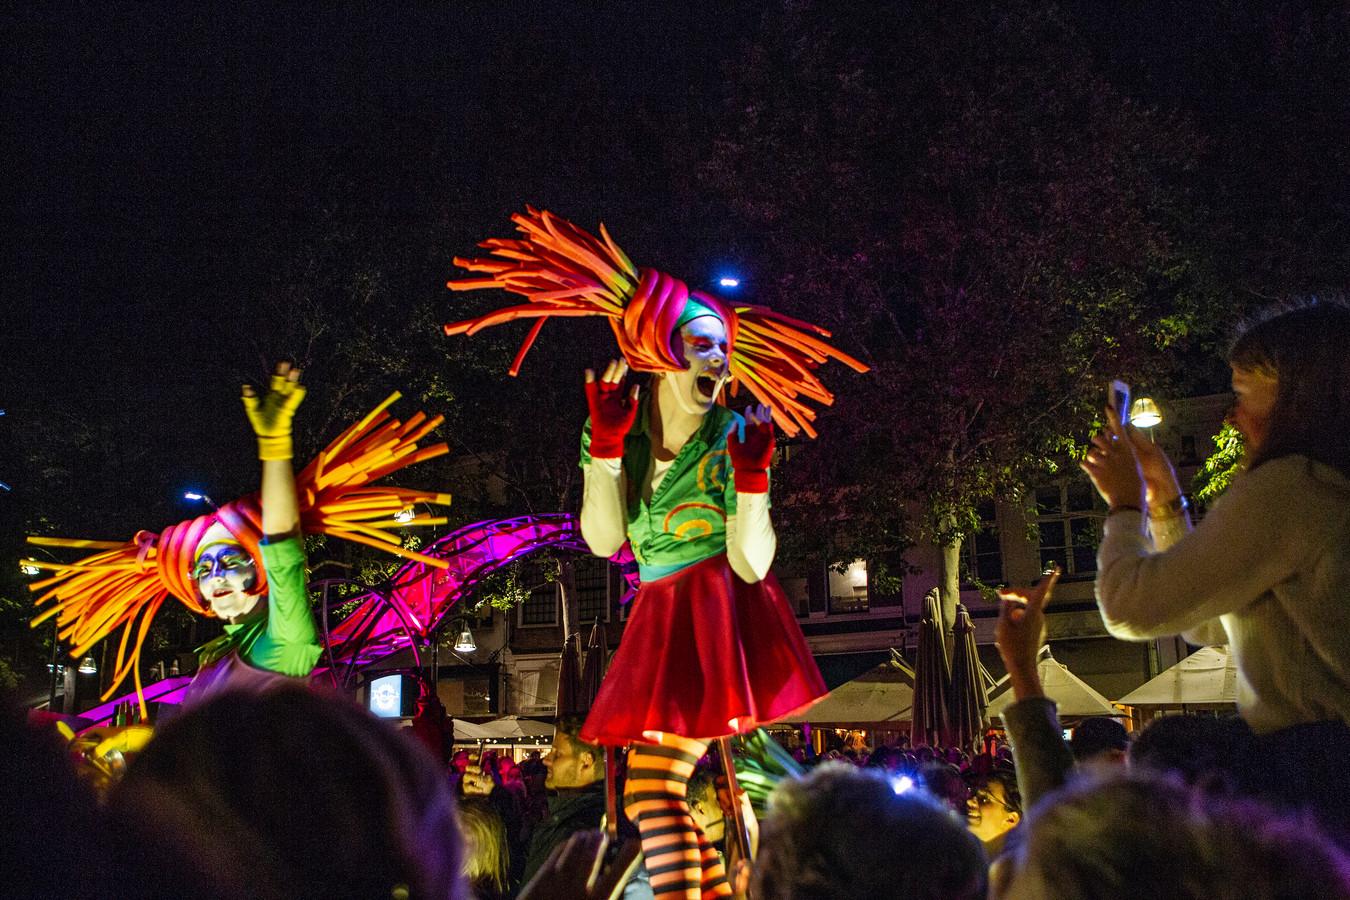 Deventer op Stelten in 2019. Dat was een toeristisch topjaar, maar blijkt financieel een debacle voor de organisatie van evenementen en stadspromotie.